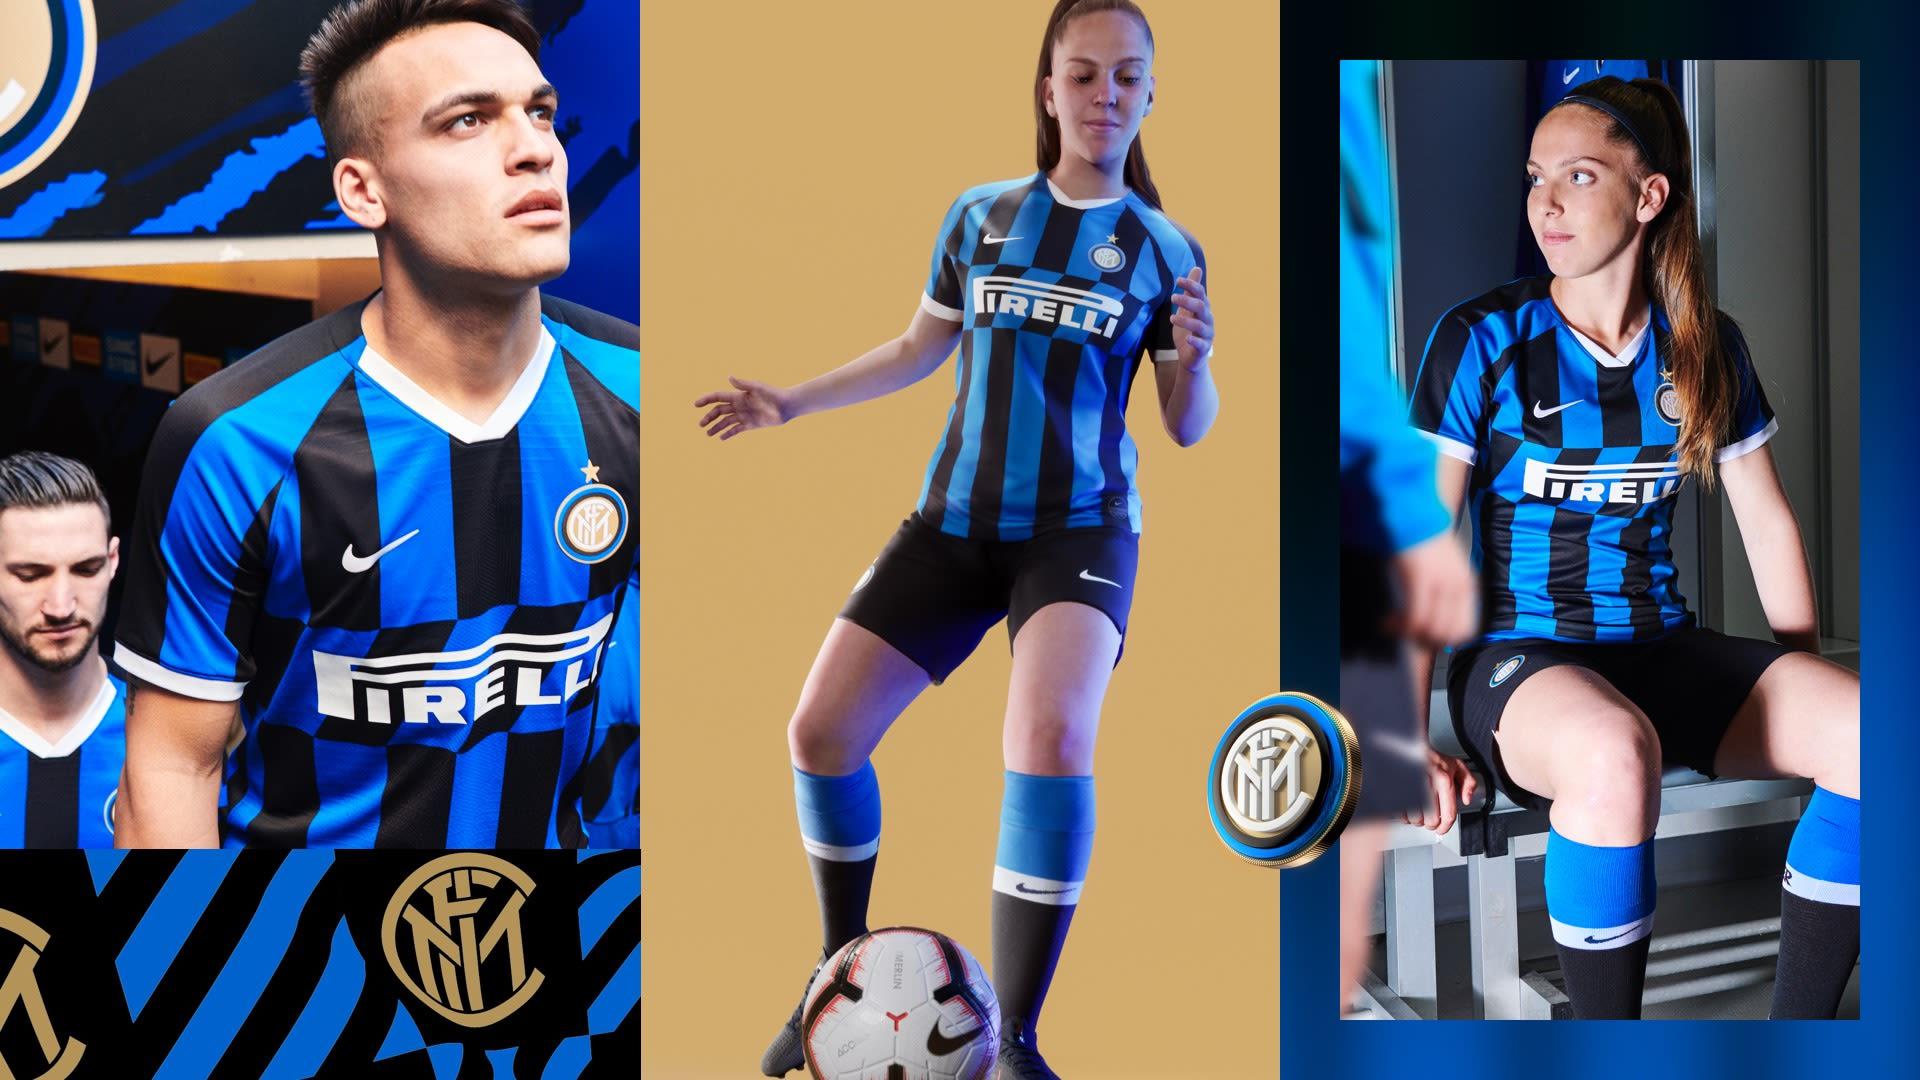 201920-inter-milan-stadium-home-jersey-.jpg